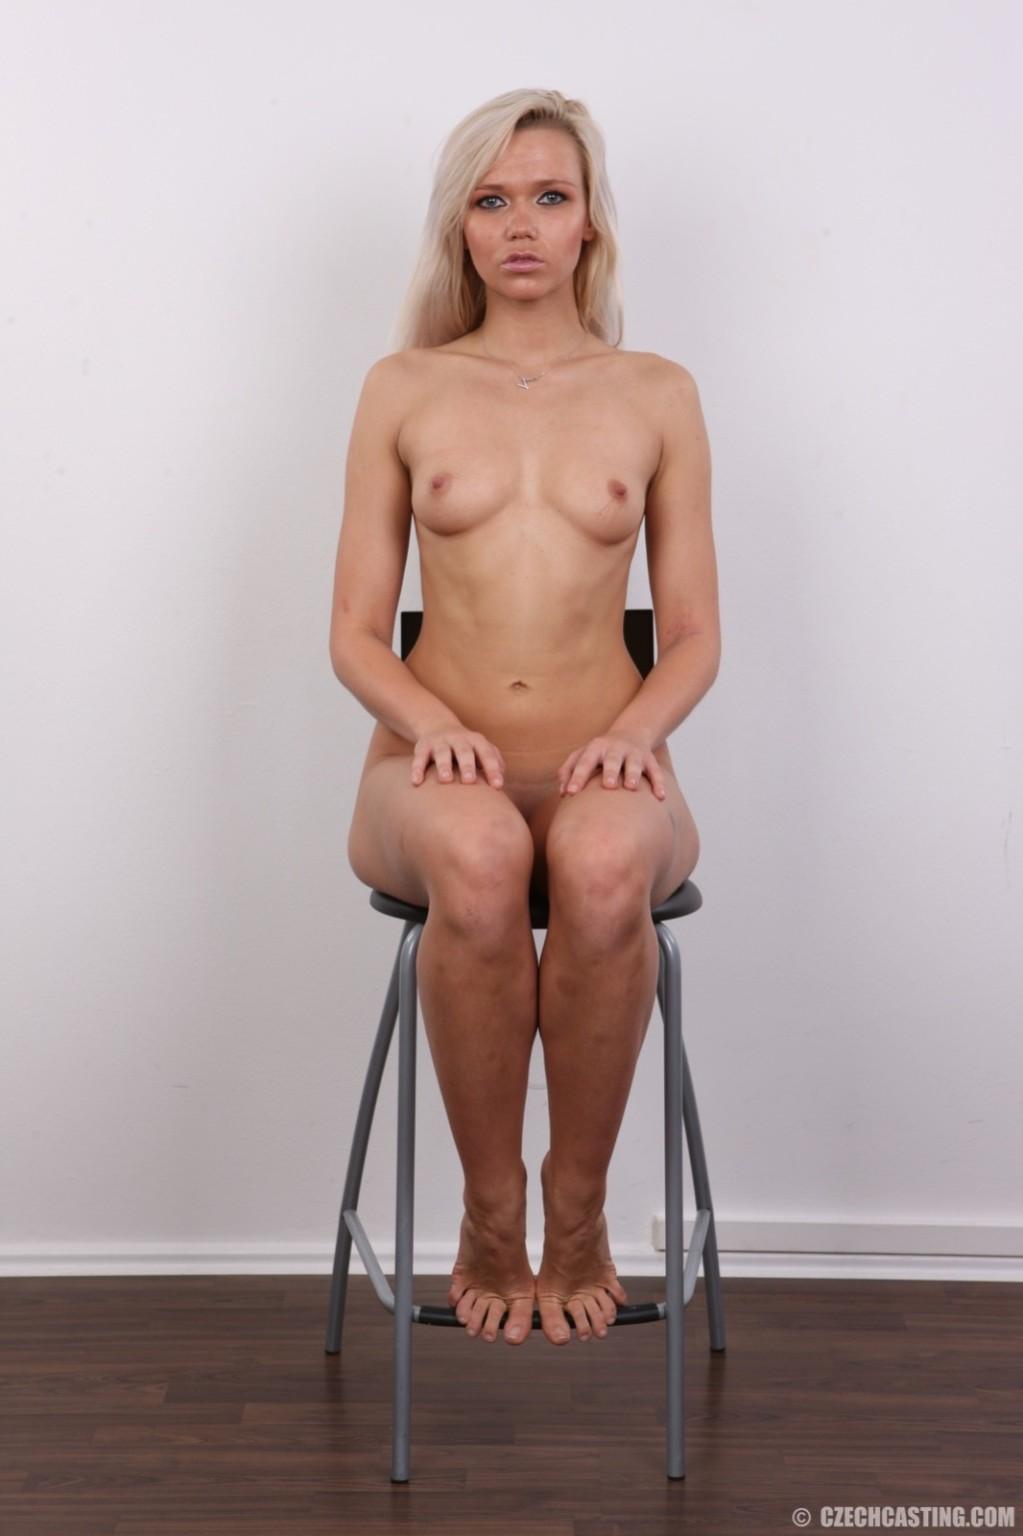 Фигуристые женщины - Галерея № 3490550